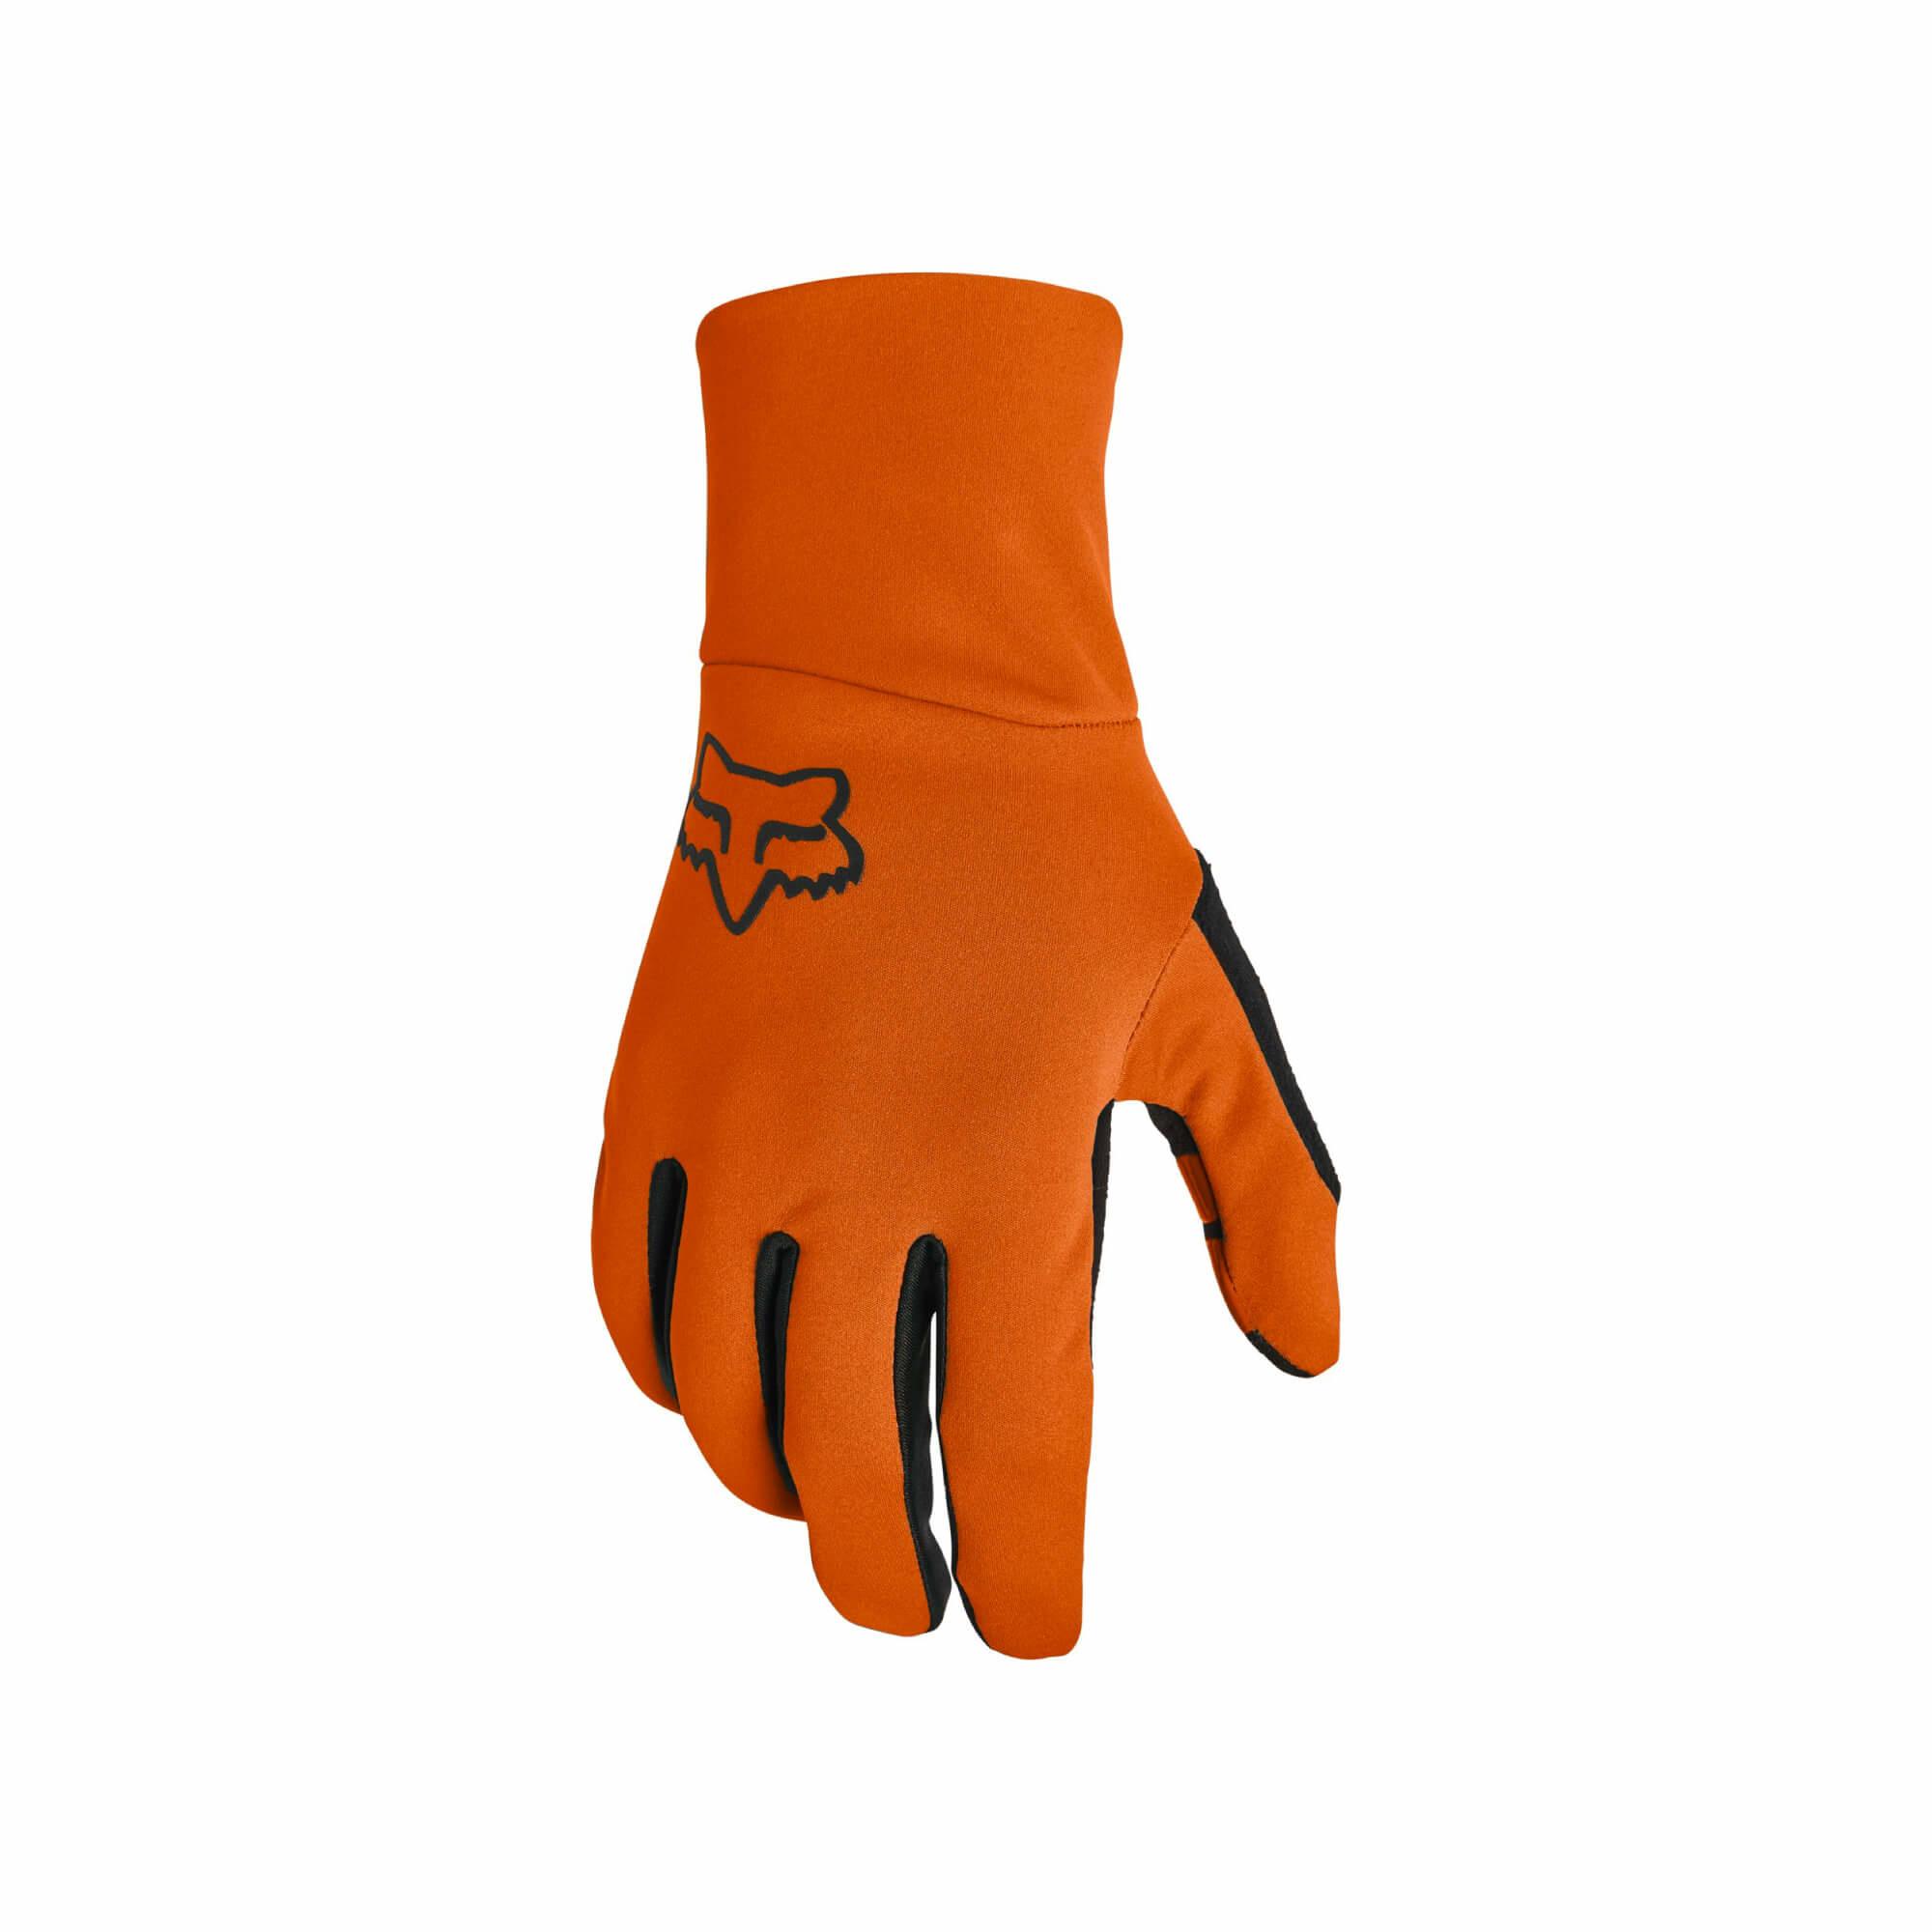 Ranger Fire Glove 2021-2